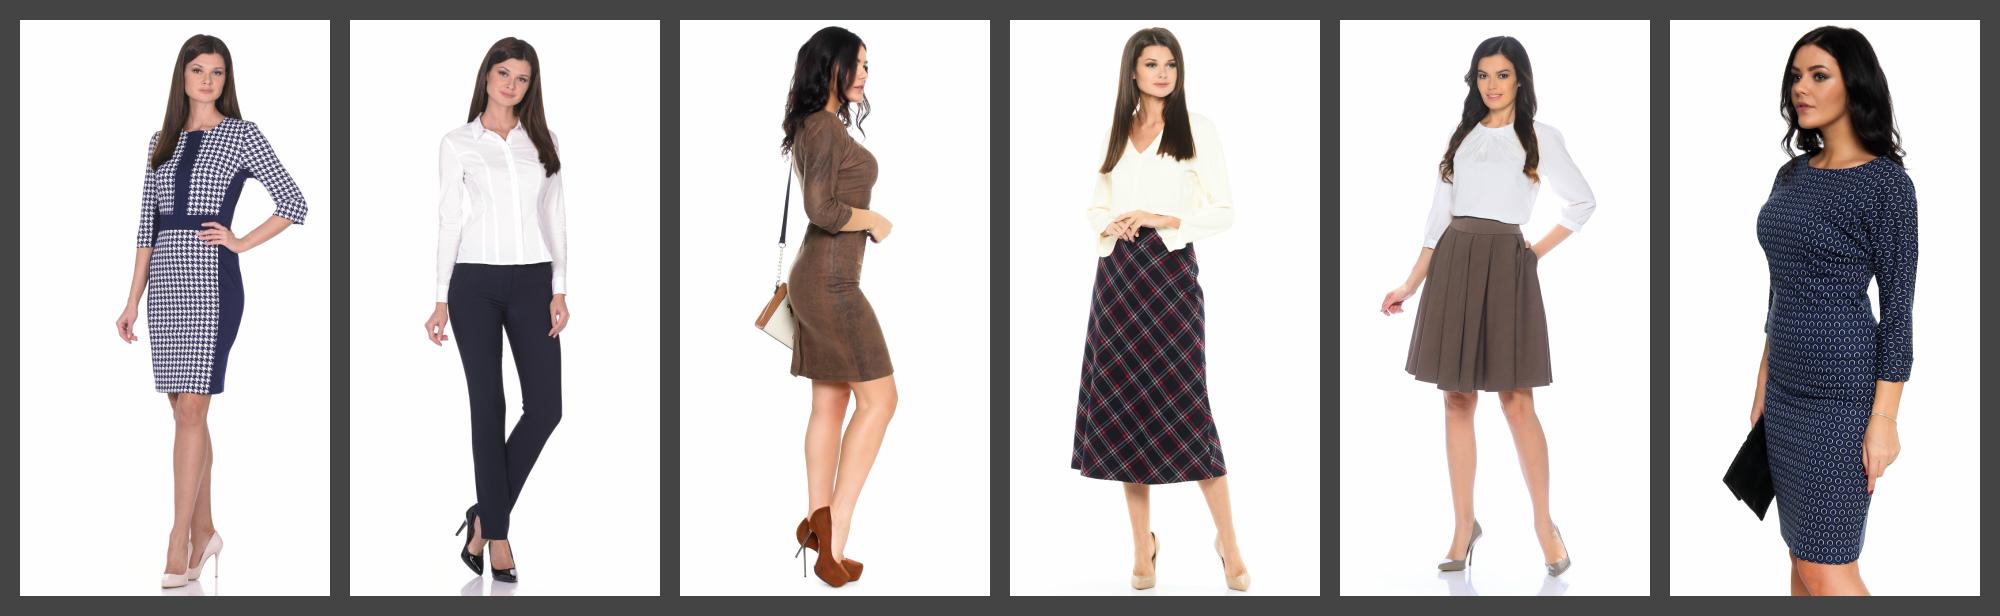 ТРИкА - Новая распродажа брюк от 200 р, юбок 300р, большой выбор платьев, брюк от самого лучшего производителя - 11/2016. Огромный выбор юбок. Широкий размерный ряд